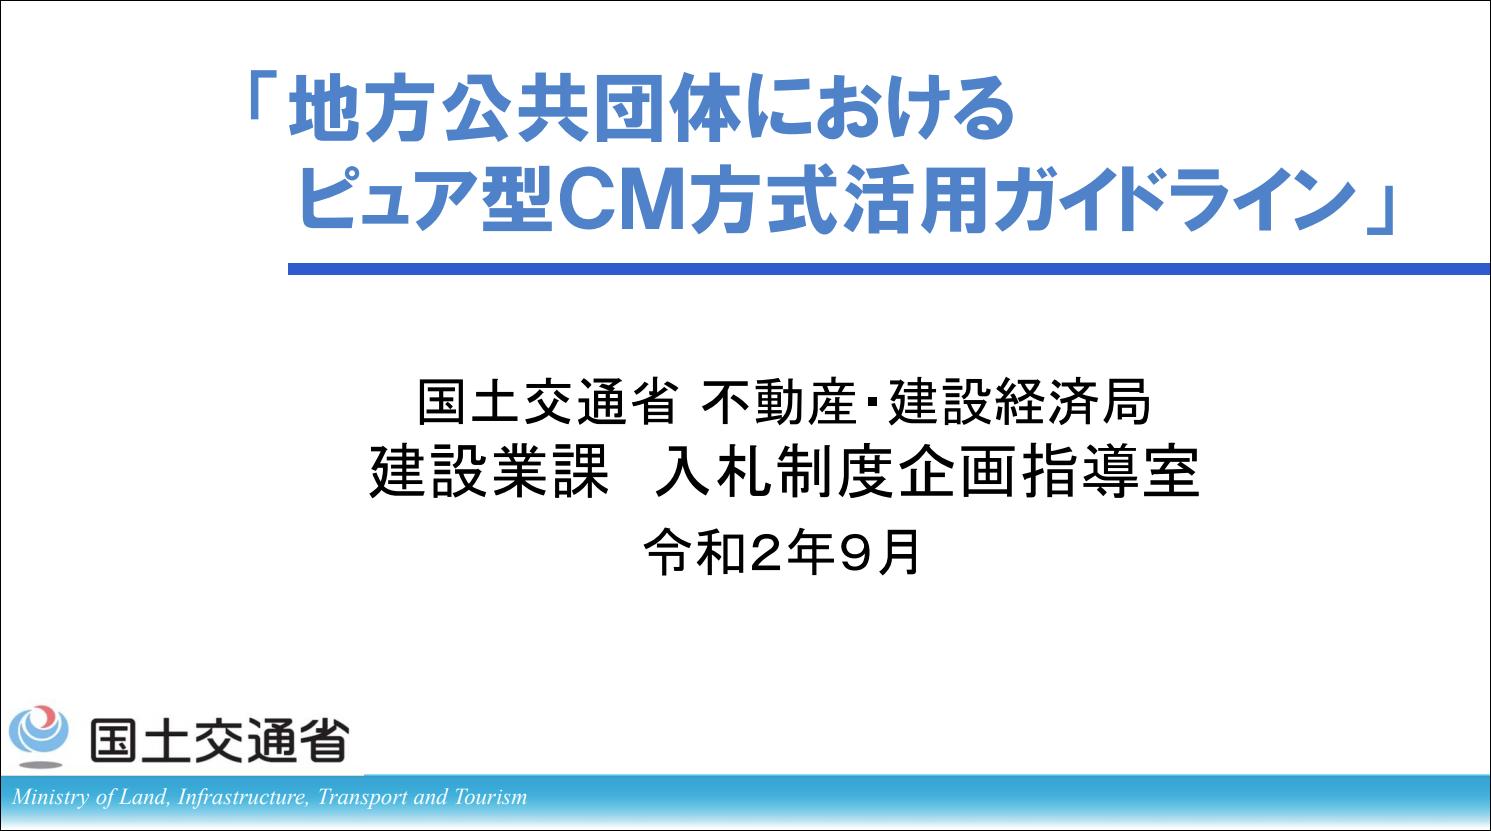 国交省が推奨する「地方公共団体におけるピュア型CМ方式活用ガイドライン」